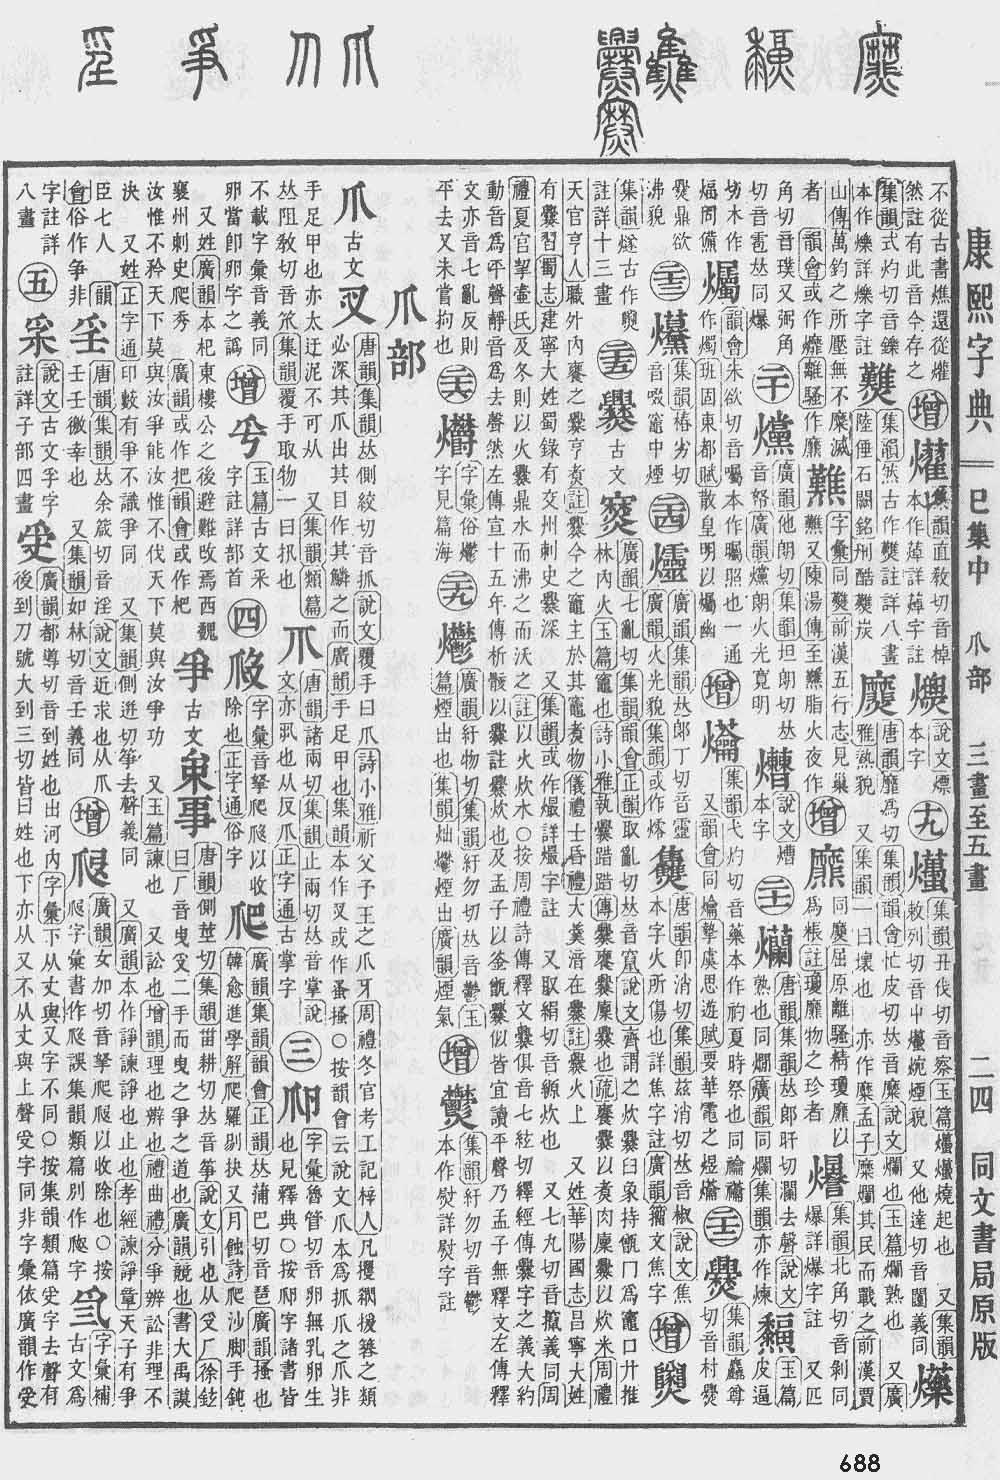 《康熙字典》第688页